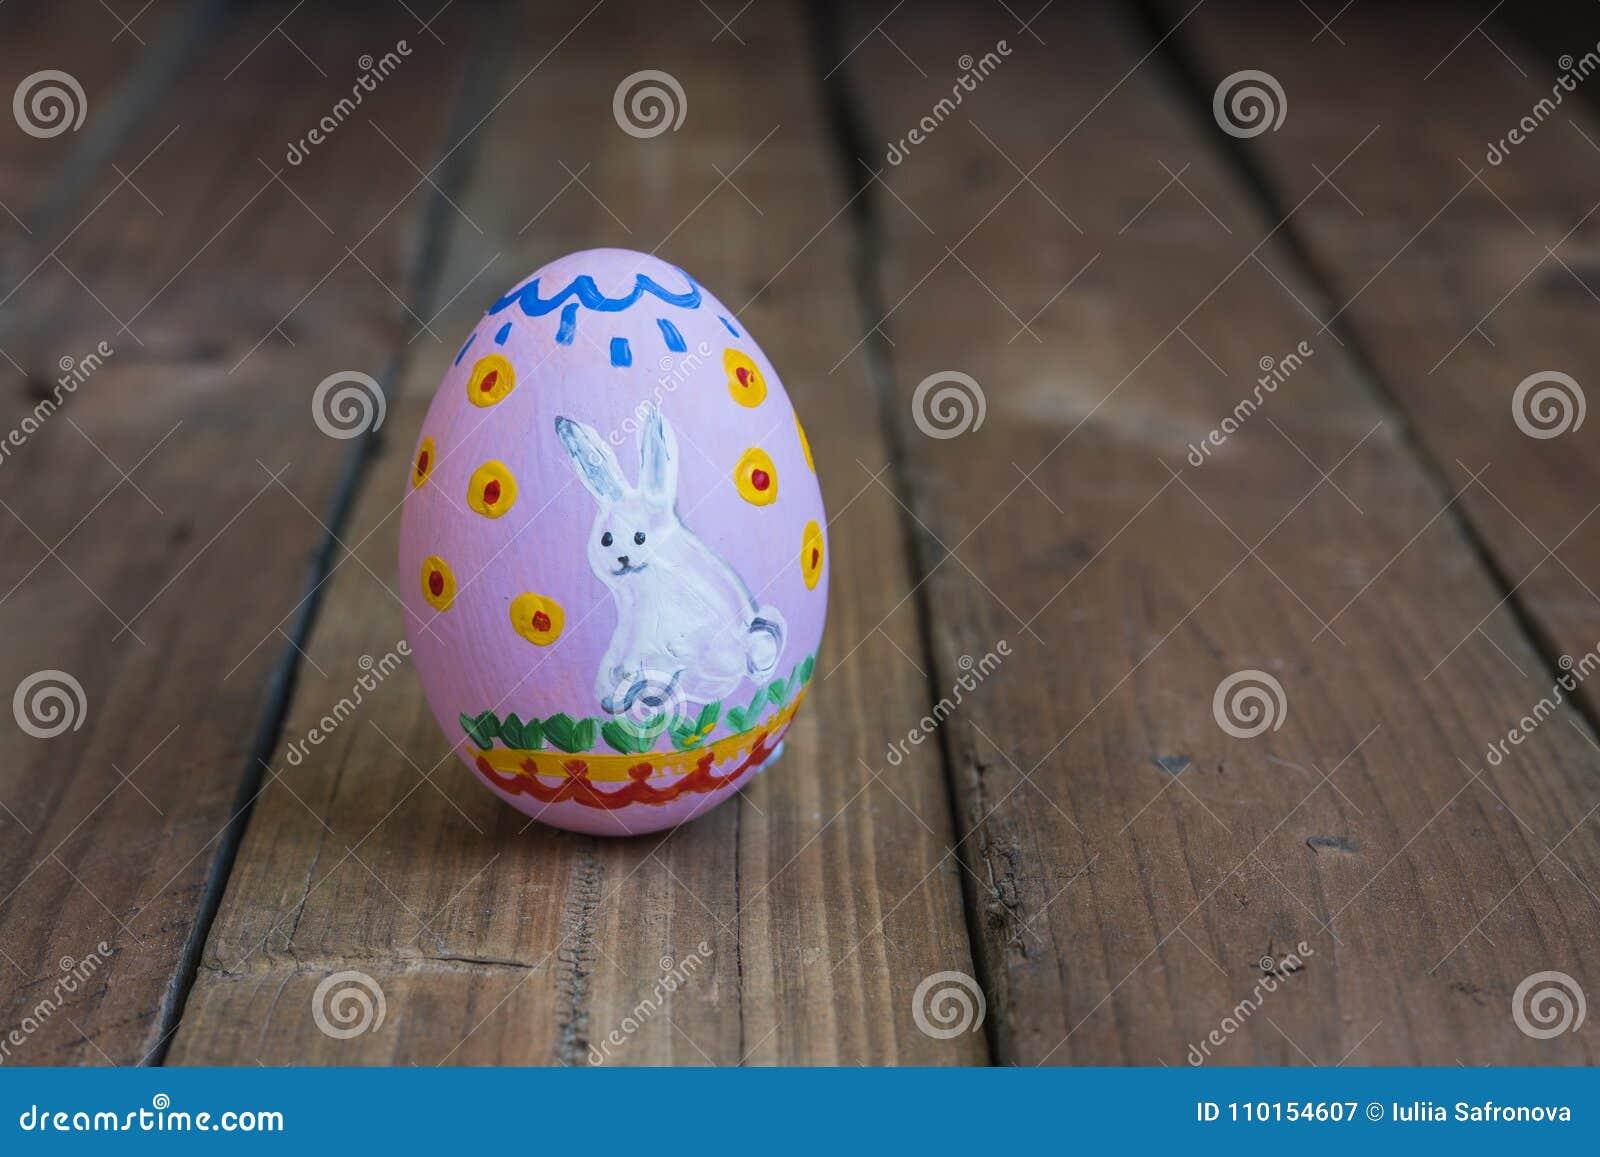 Uovo Dipinto Del Pollo Di Pasqua Disegno Di Un Coniglio Bianco